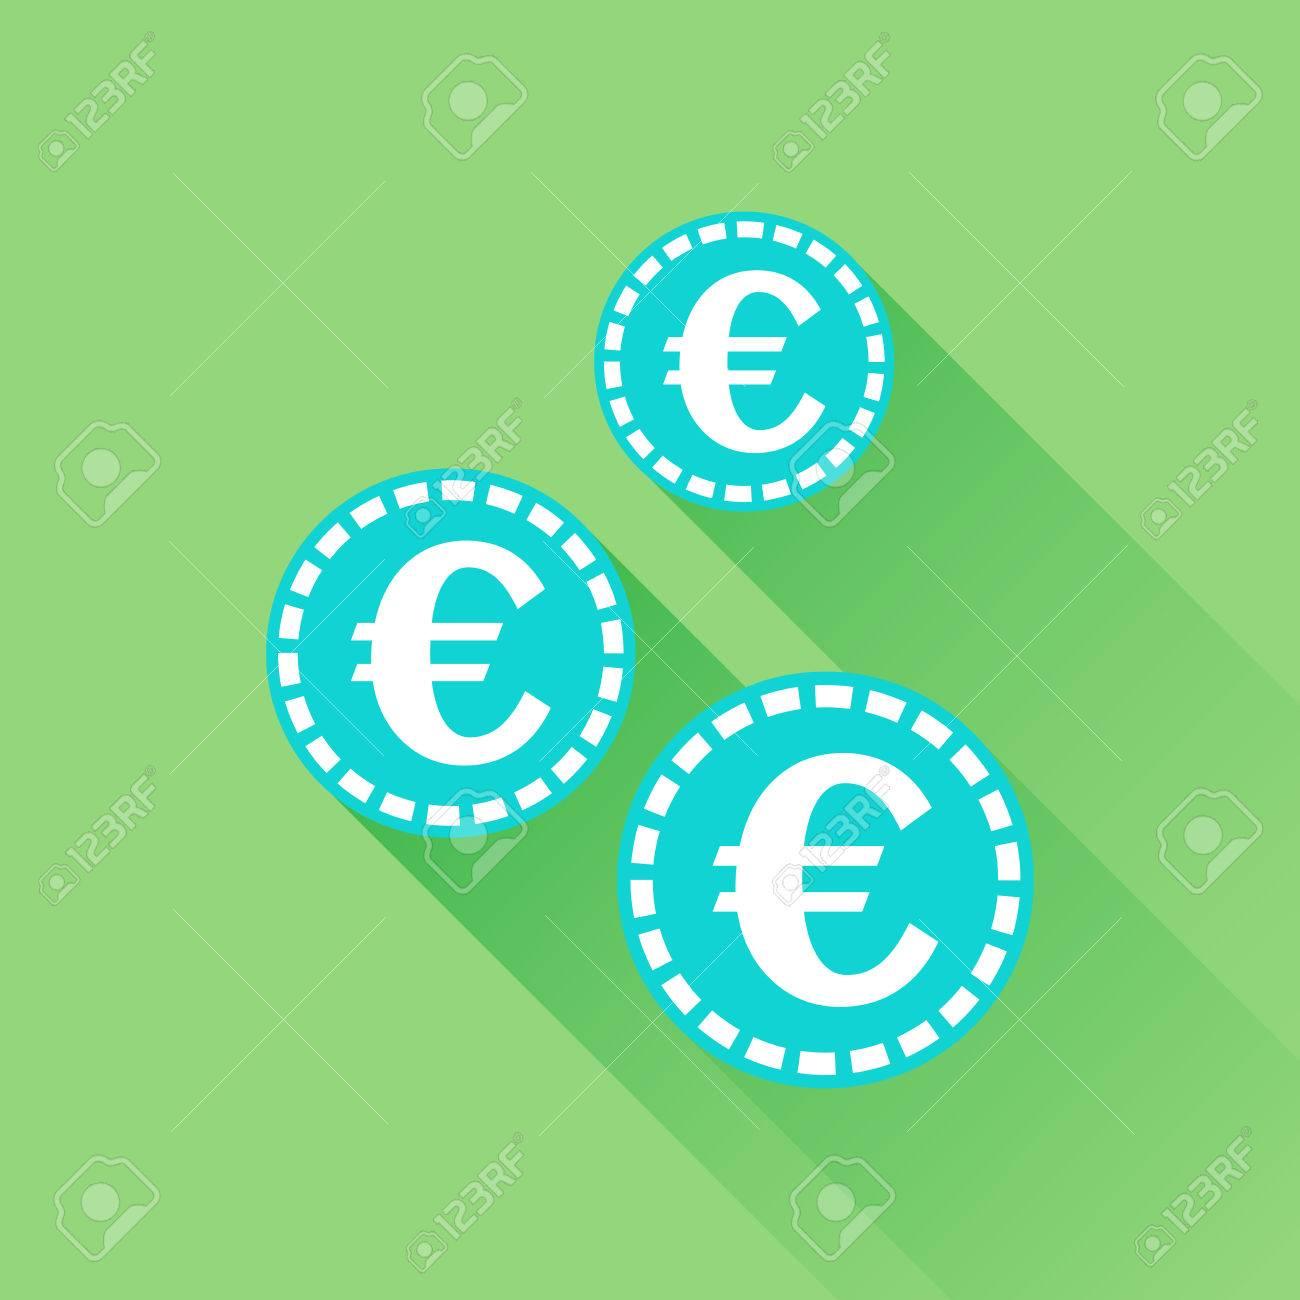 Euro Münzen Symbol Vektor Illustration Im Flachen Stil Blaue Münze